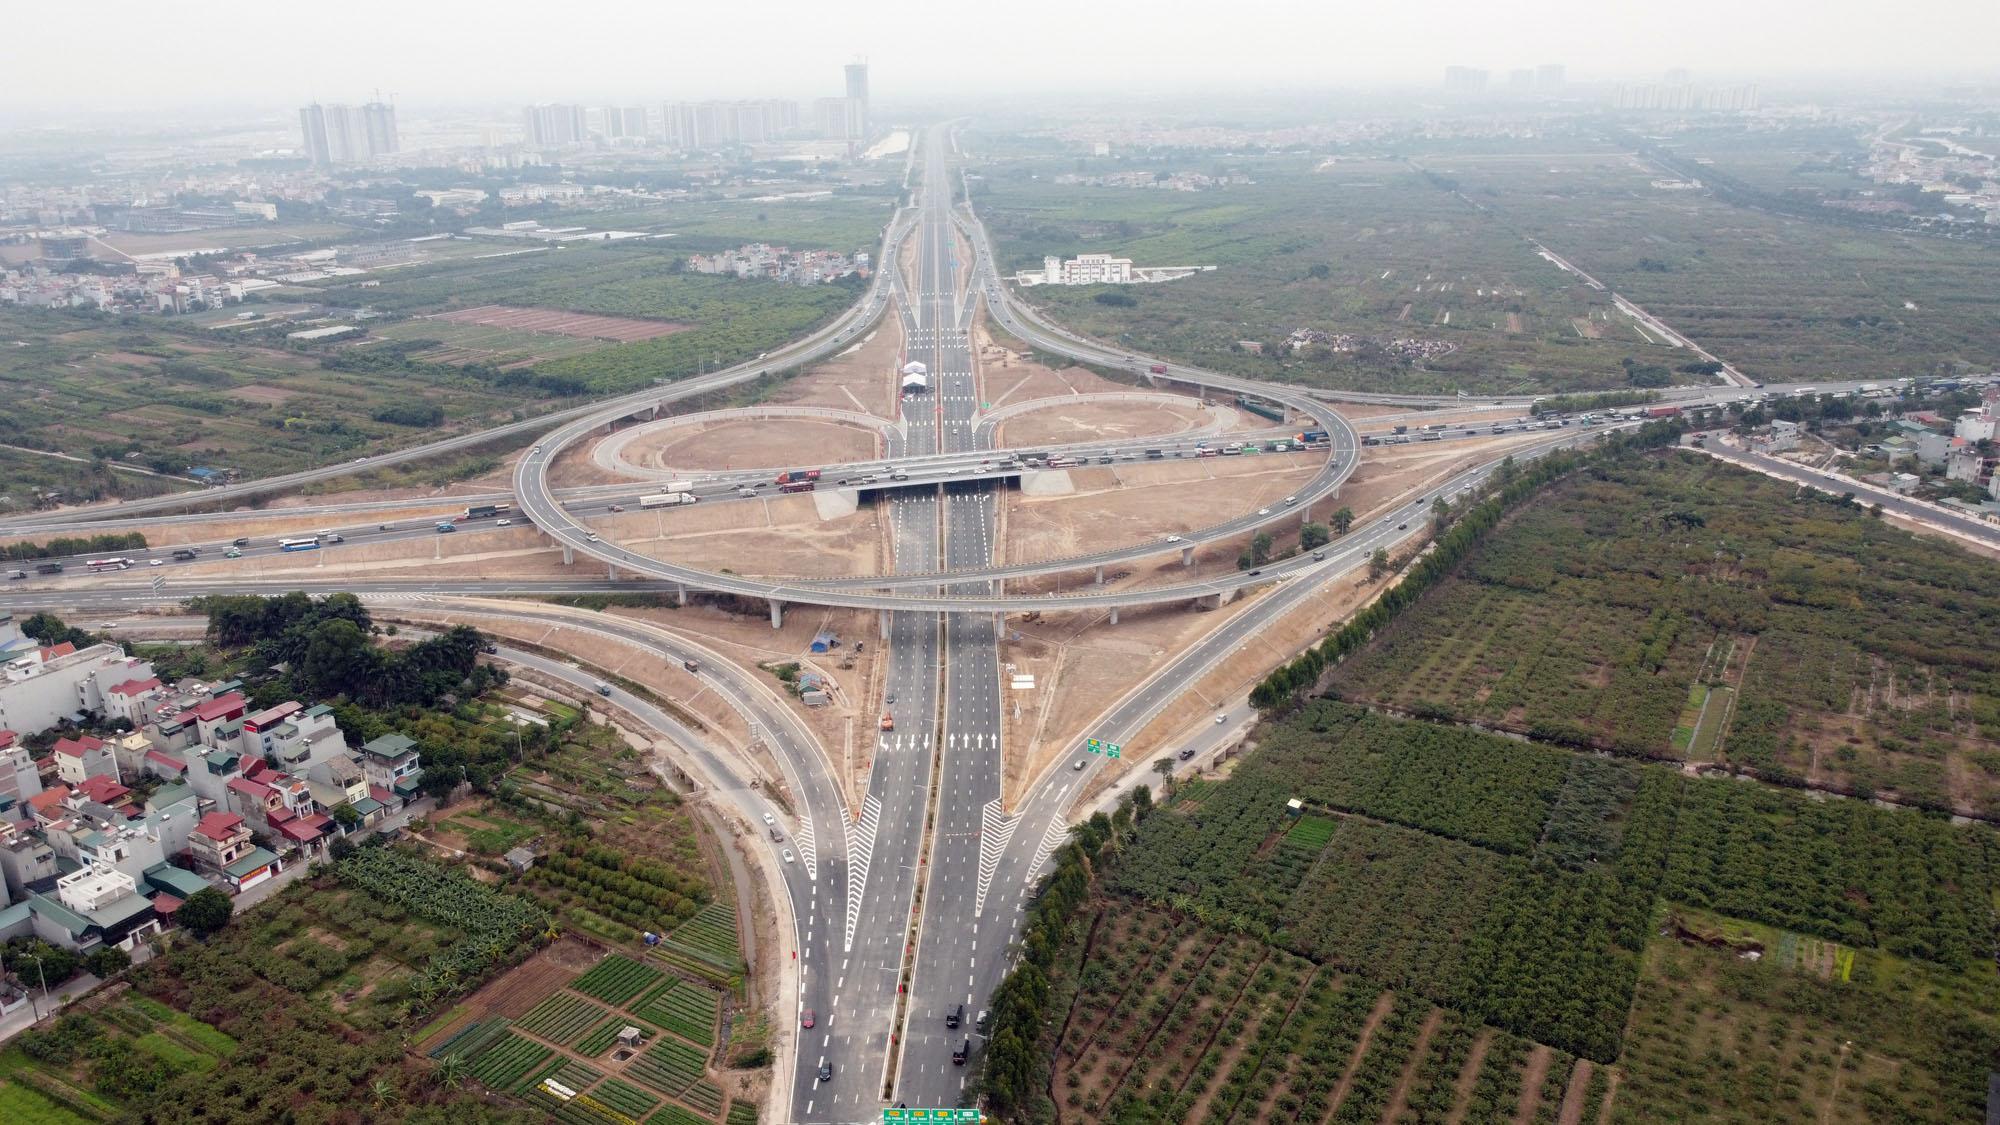 Cận cảnh nút giao đường Vành đai 3 với cao tốc Hà Nội - Hải Phòng trị giá 400 tỷ đồng - Ảnh 3.